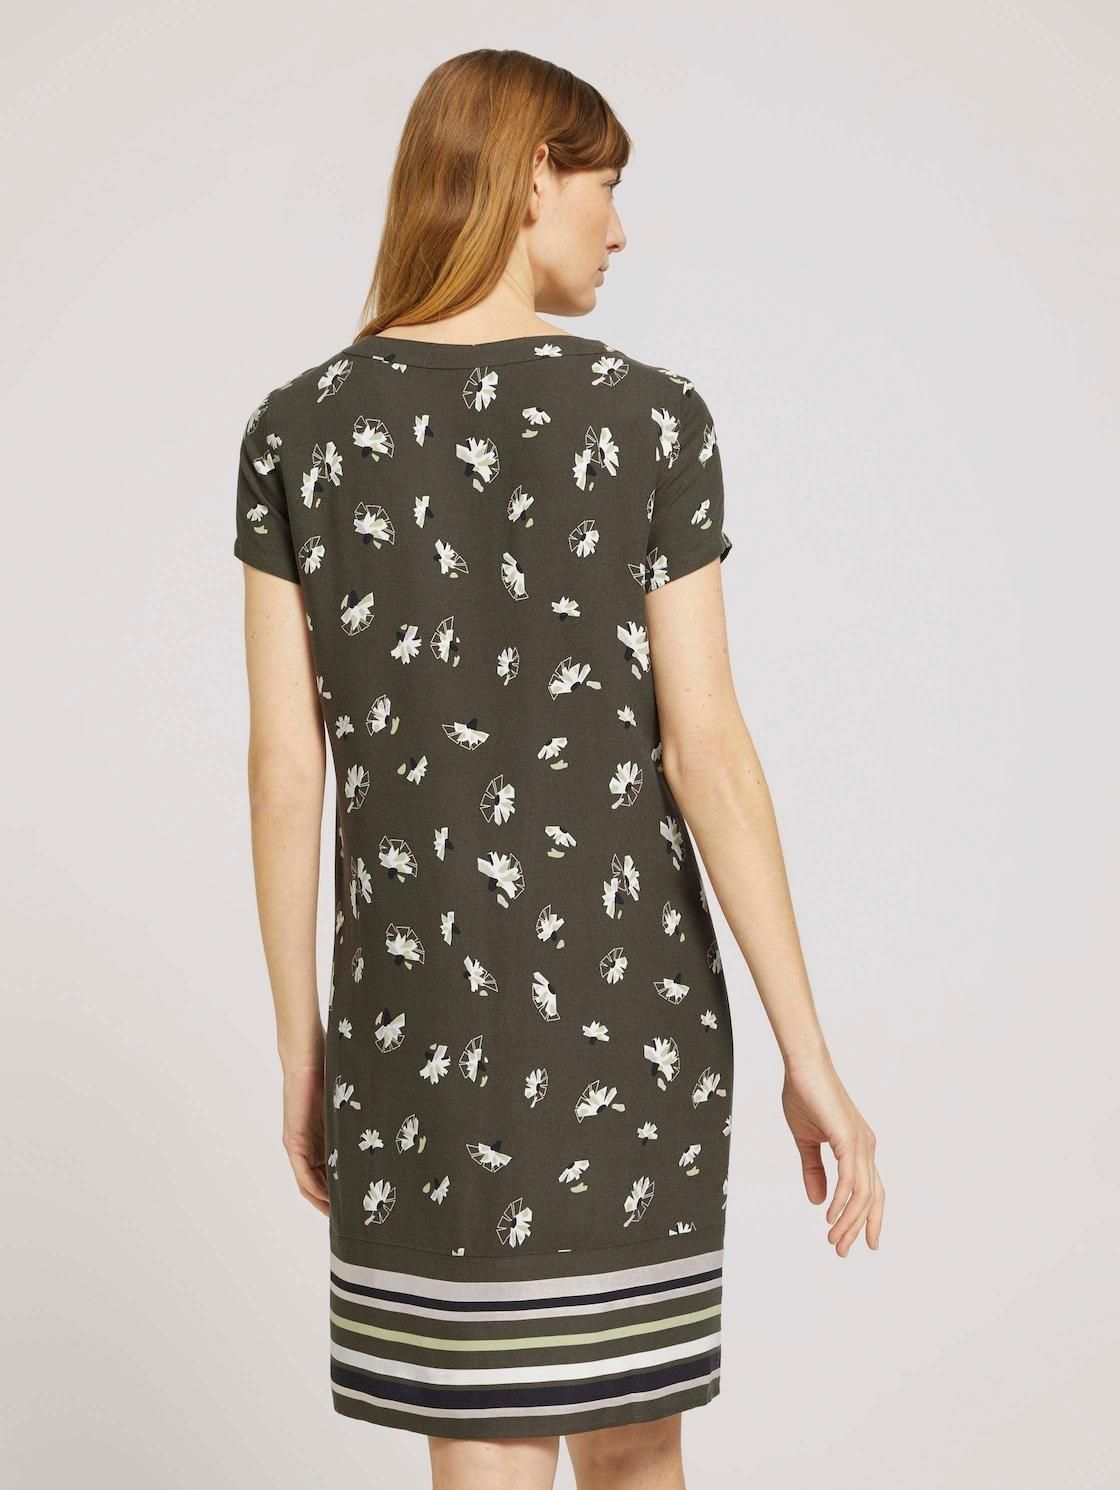 kleid mit blumenmuster (grün) - von tom tailor